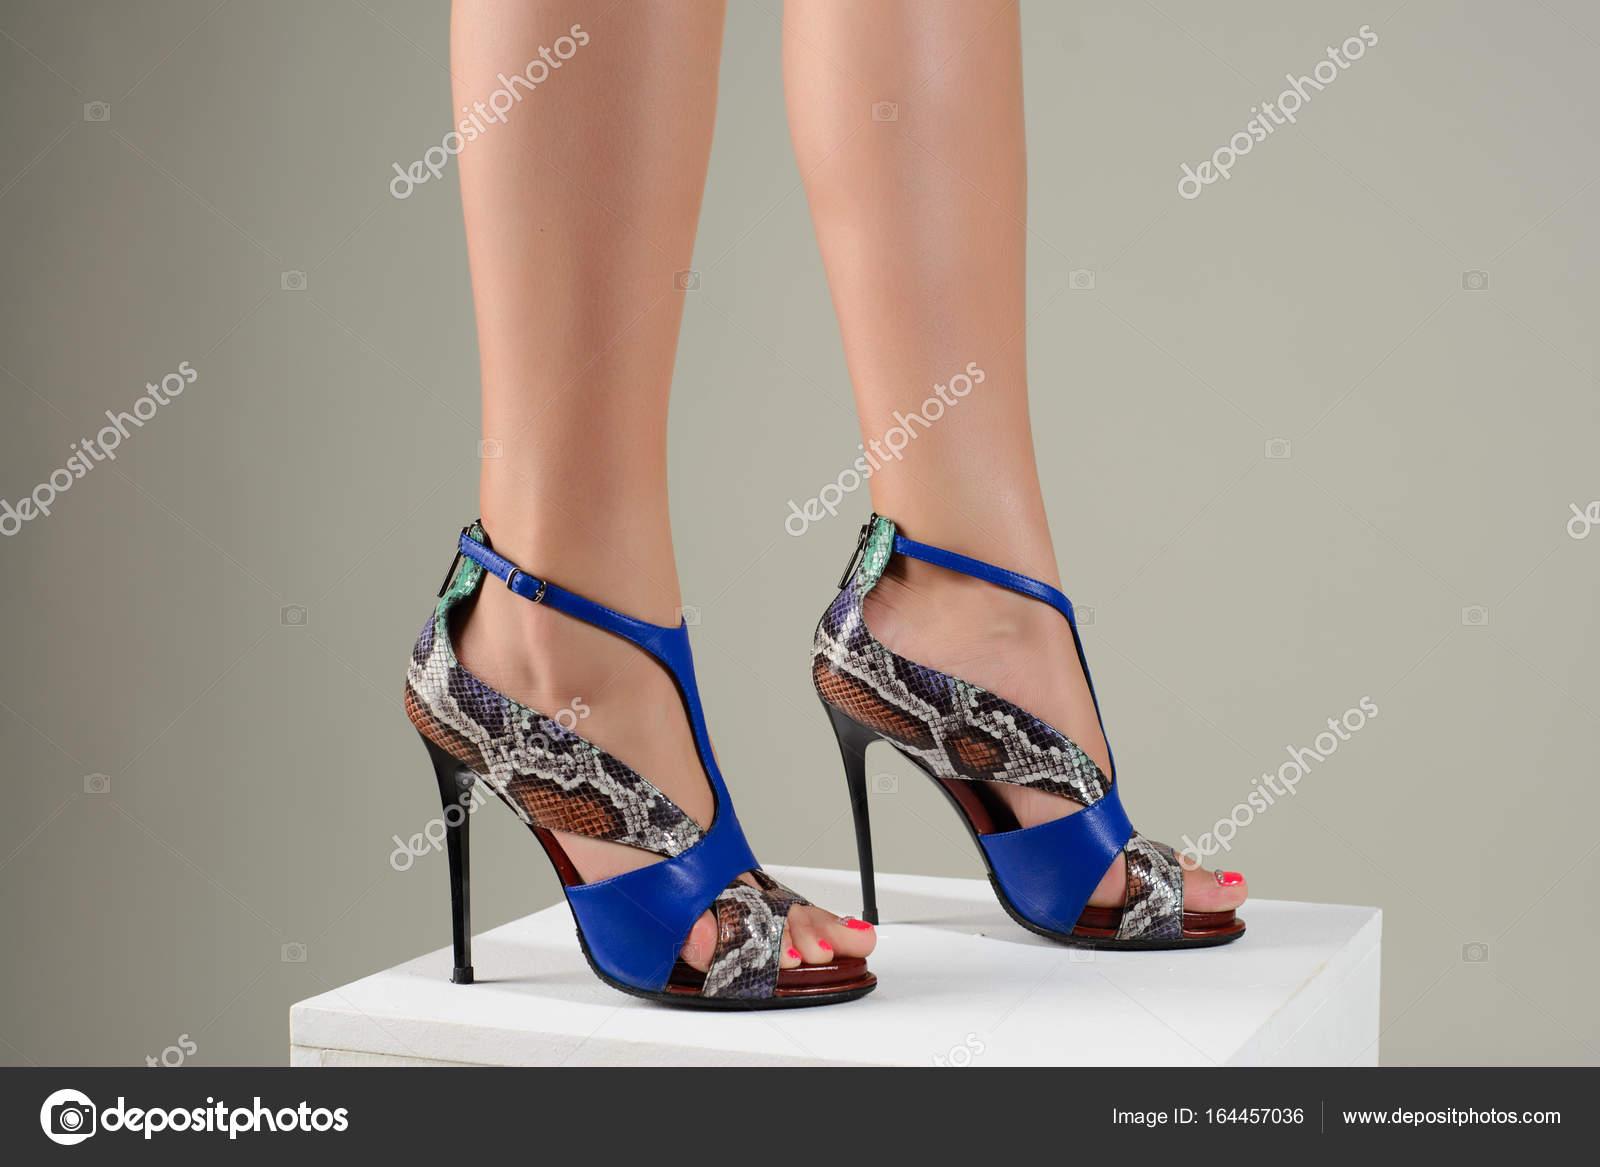 Elegantes Mujer Sandalias Tacón Alto En Hermosos De Pies Azul ZiXPku